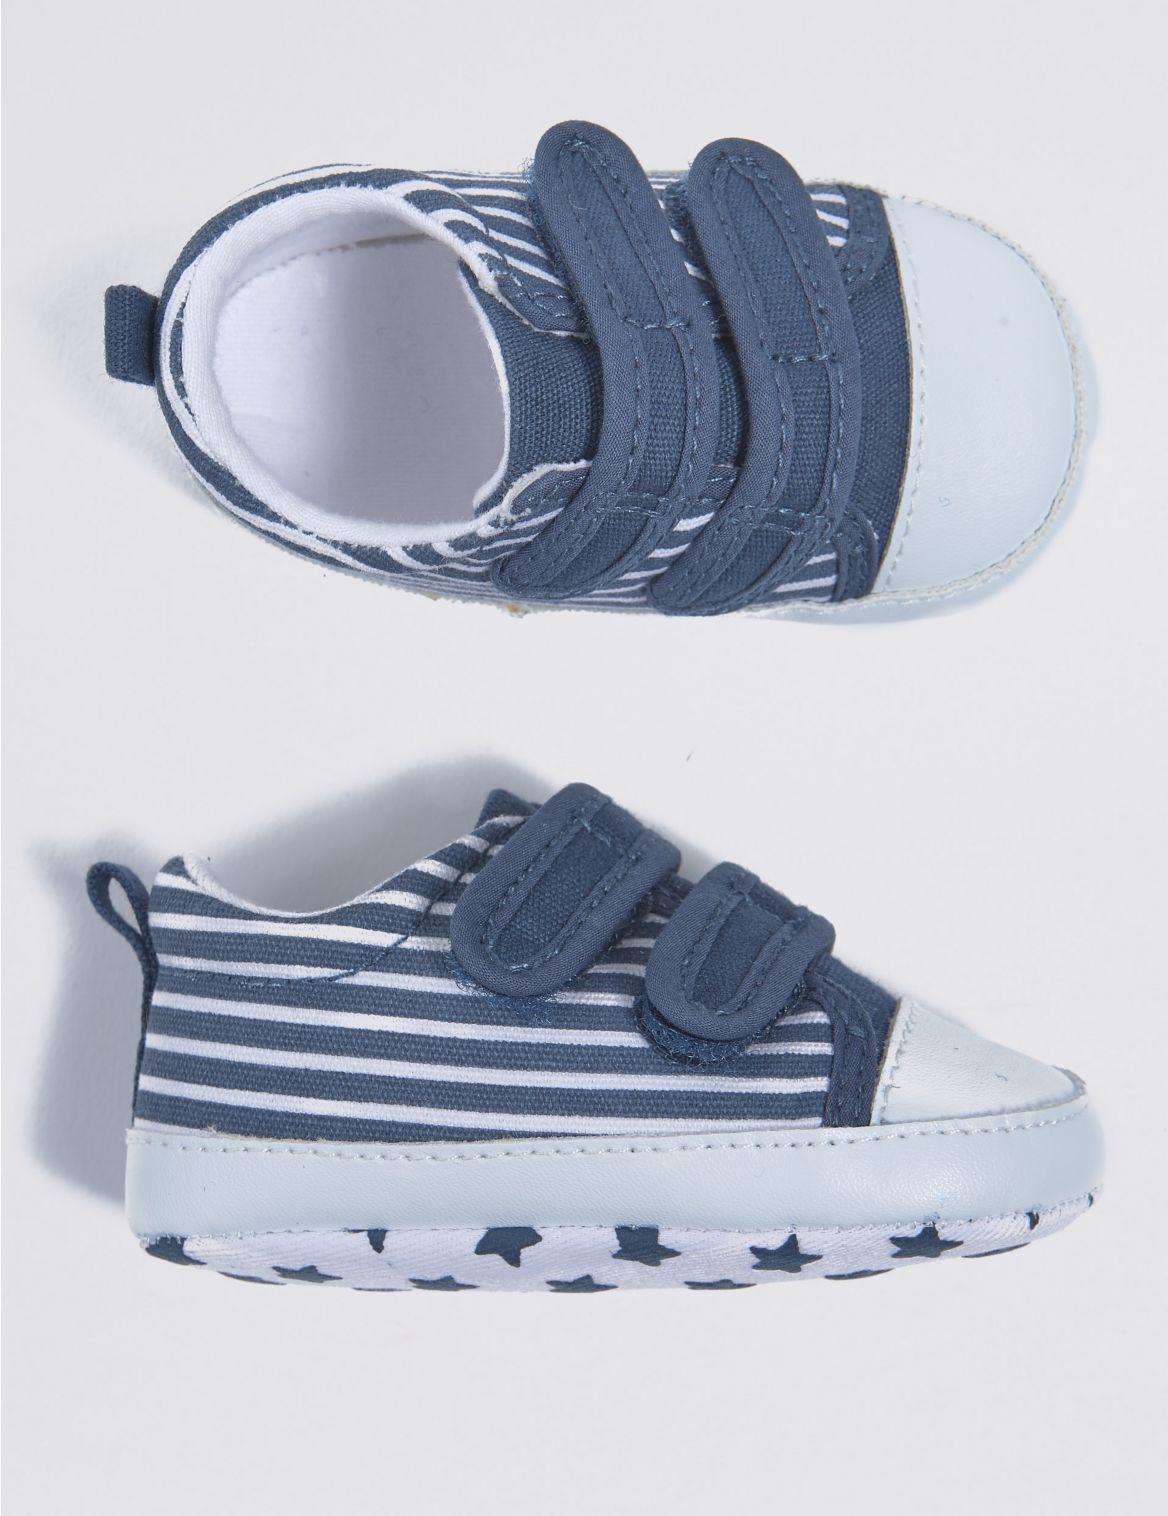 . StyleForme du produit:Chaussures b??b??s;Coupe standard;Fermeture par bande auto-agrippante;Fibres lux lavables en machine